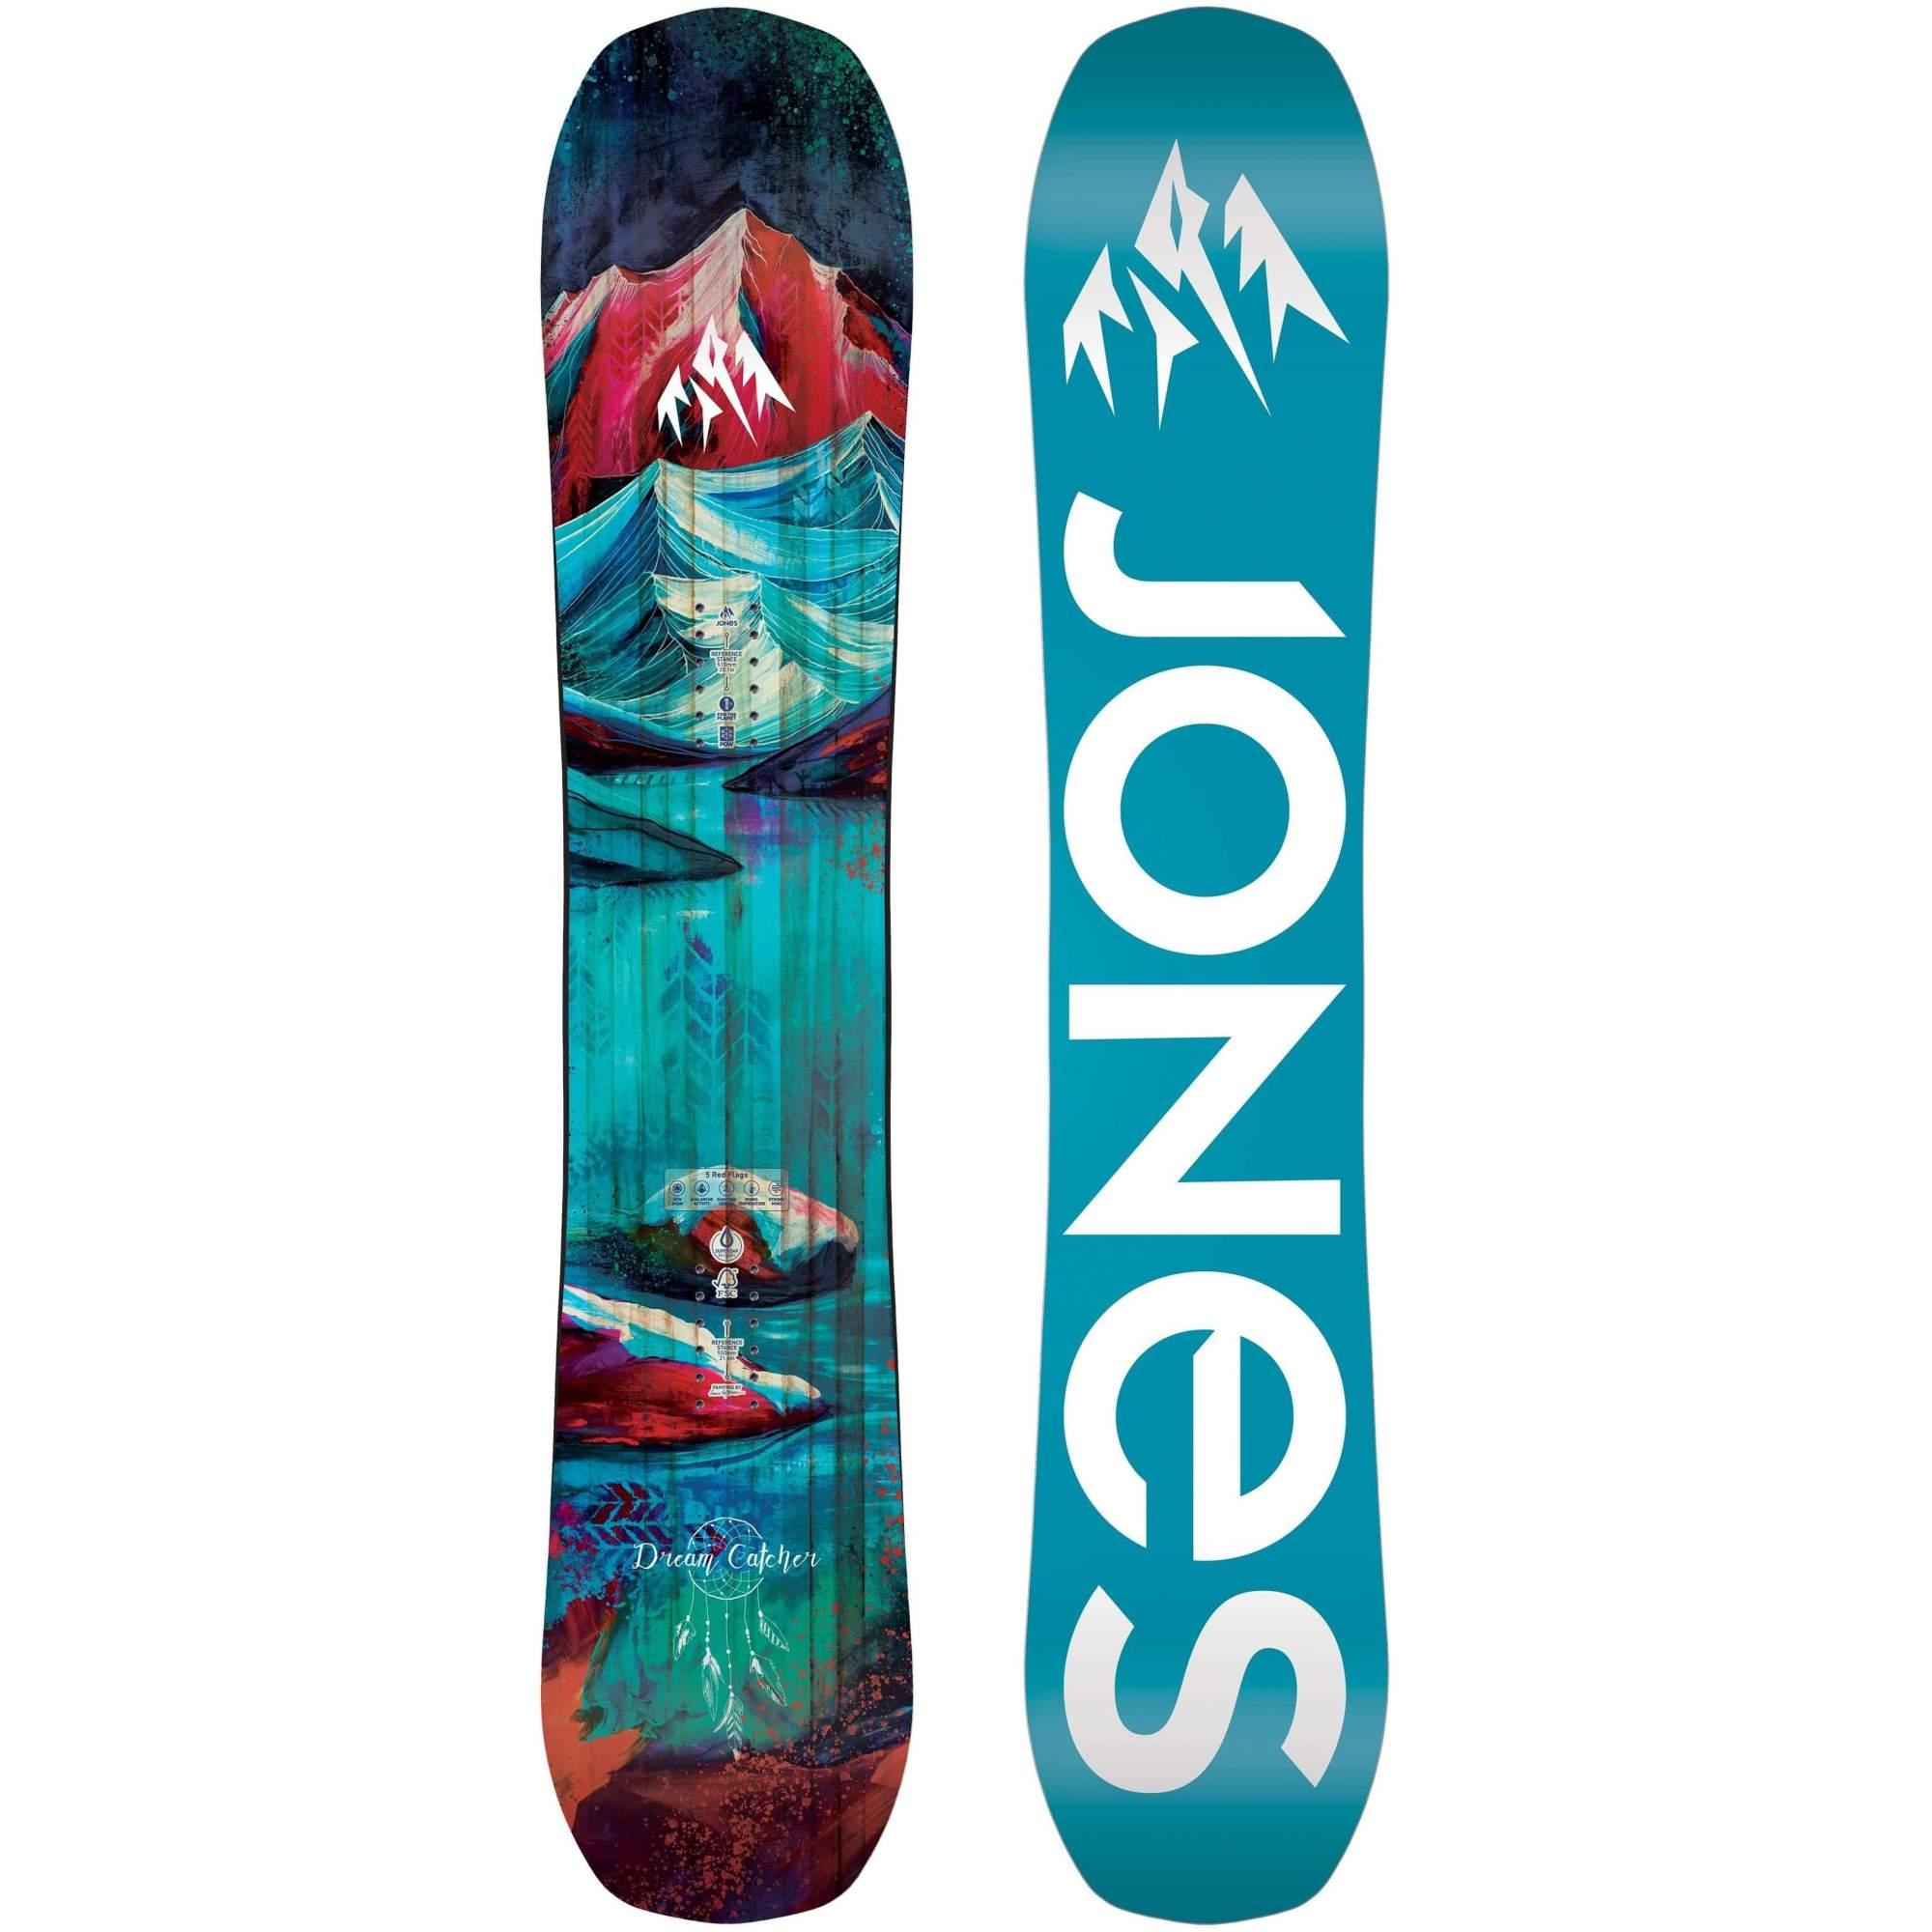 Сноуборд Jones Dream Catcher 2020, 151 см